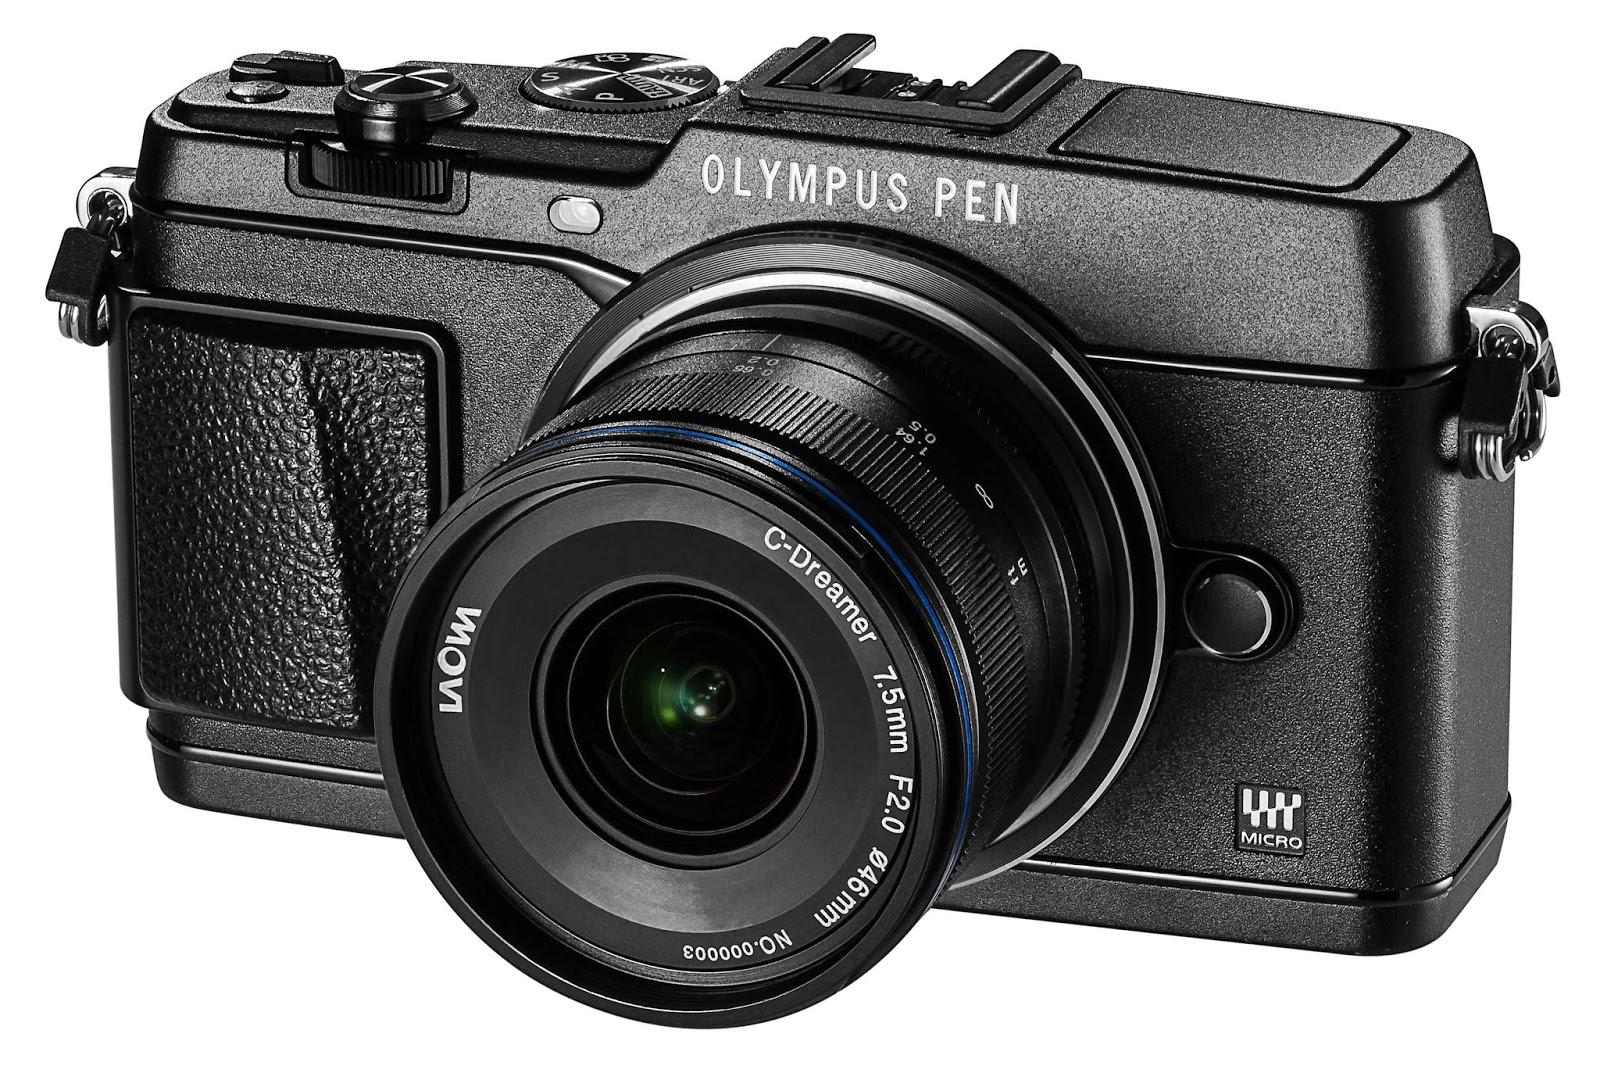 Laowa 7.5mm f/2.0 с фотоаппаратом Olympus